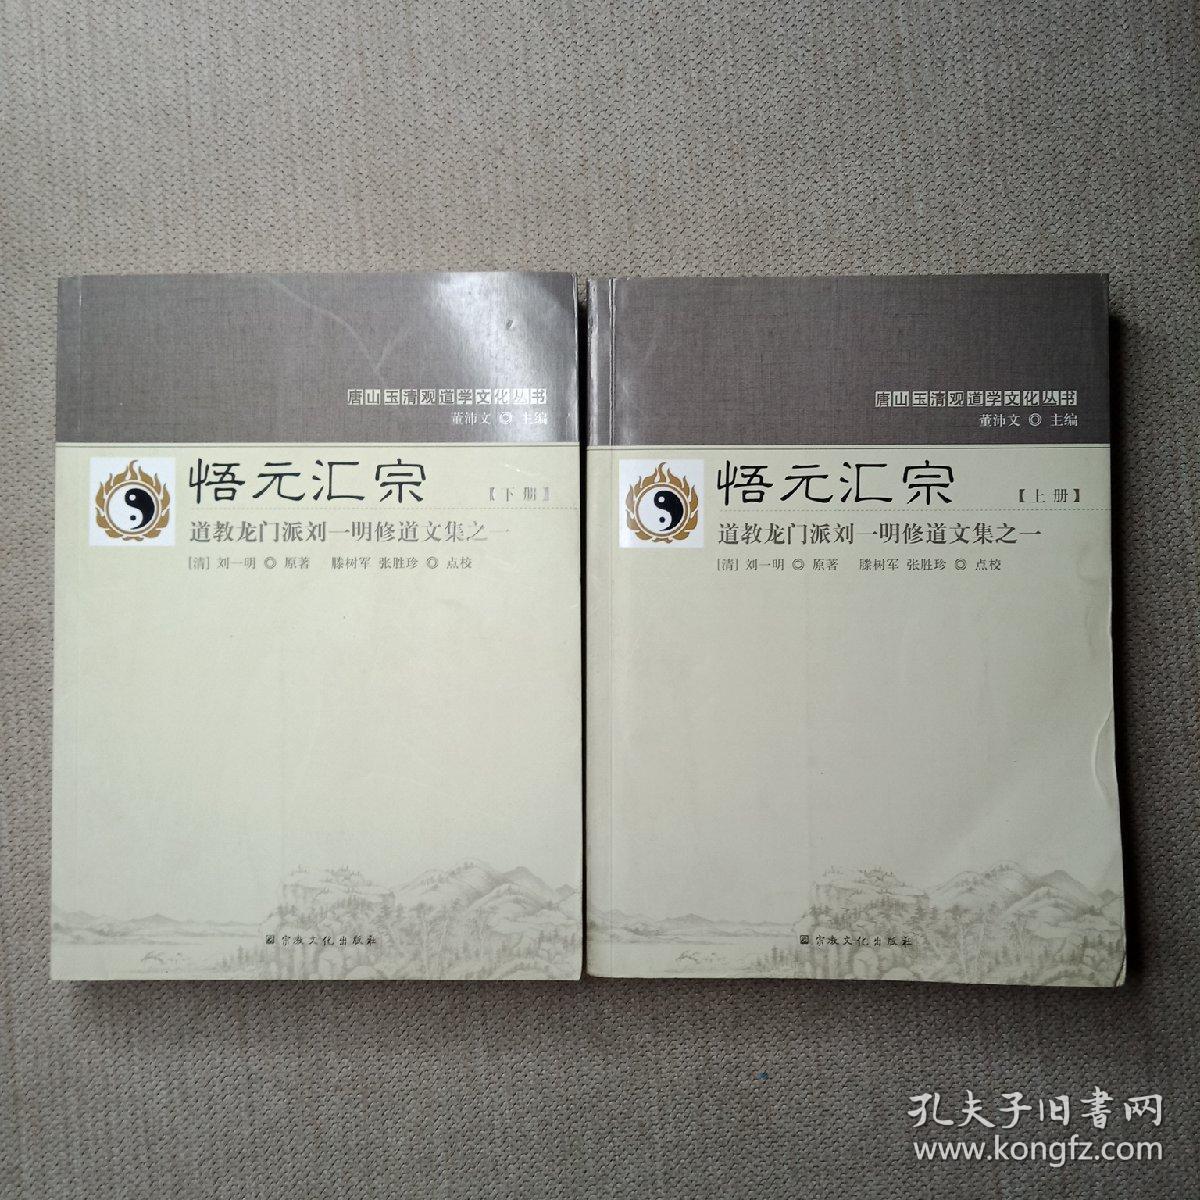 悟元汇宗(上下册):道教龙门派刘一明修道文集之一